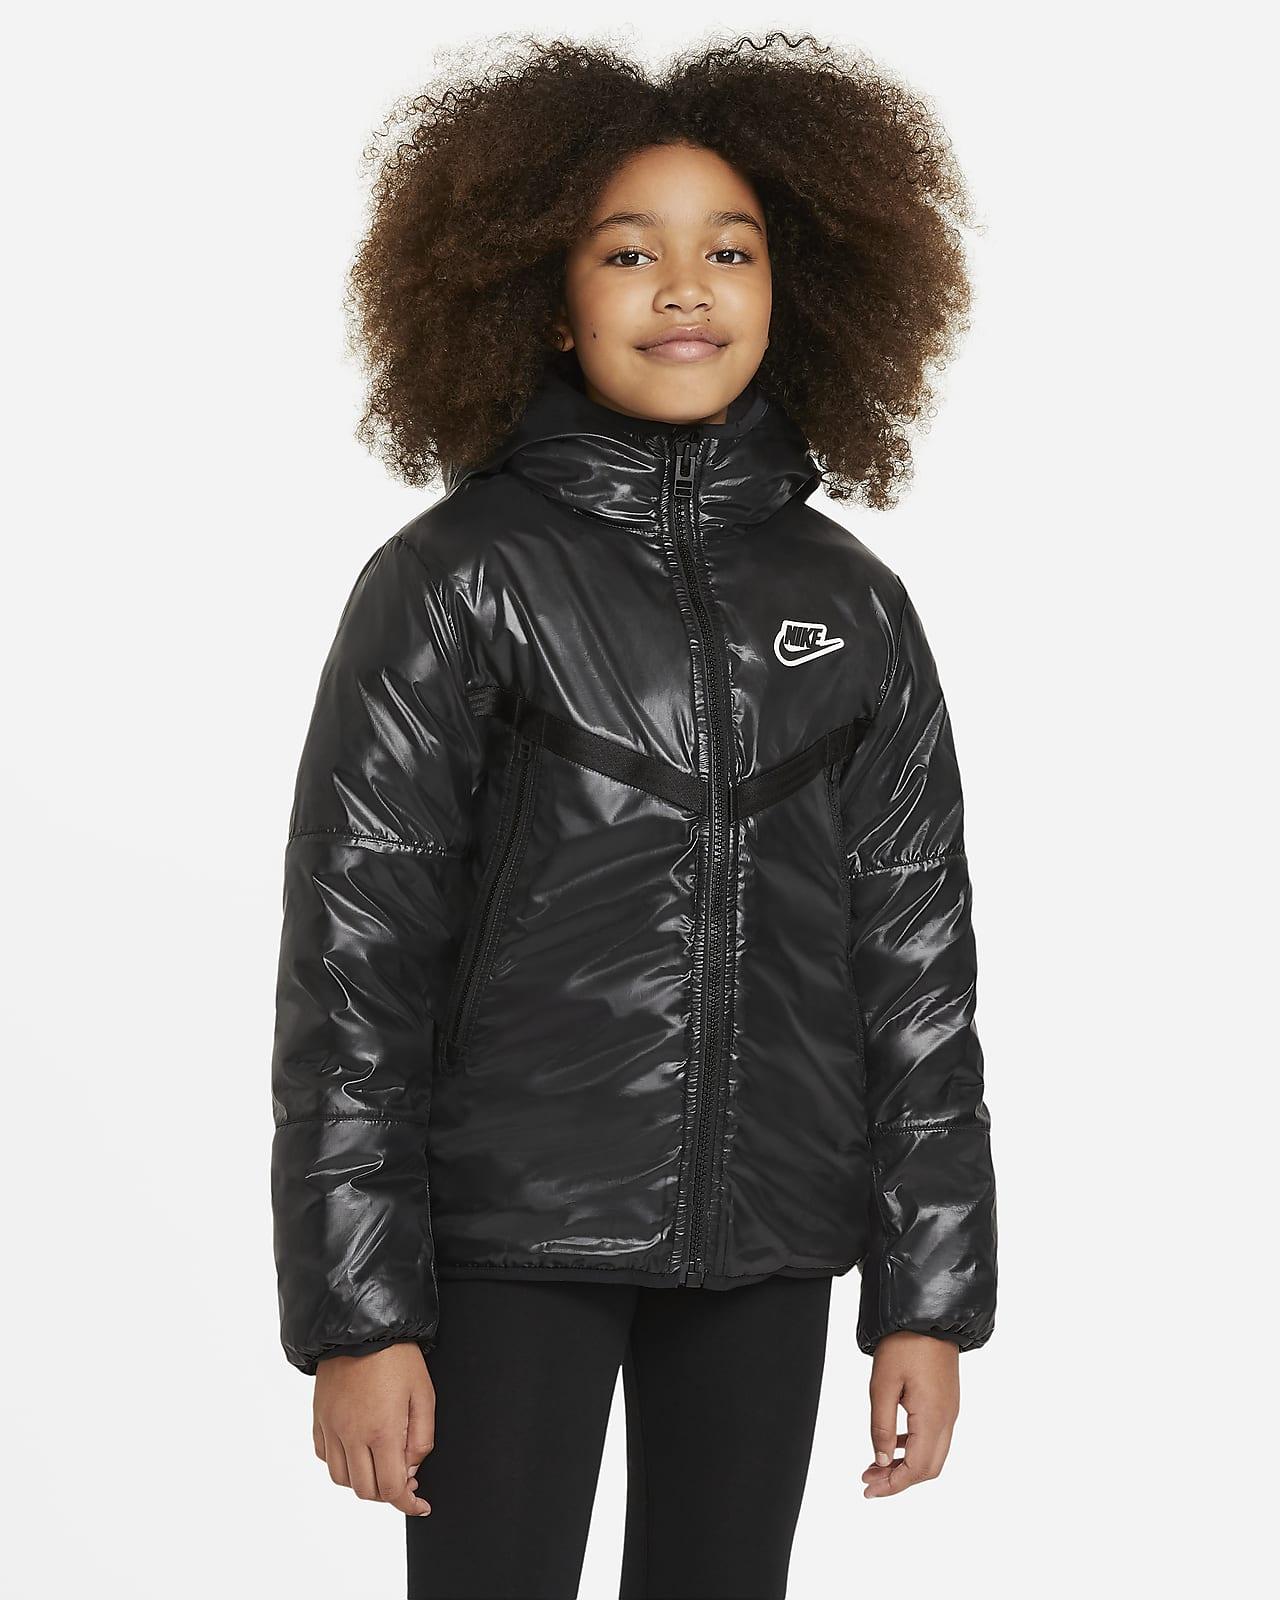 Nike Sportswear Older Kids' Synthetic-Fill Water-Repellent Jacket